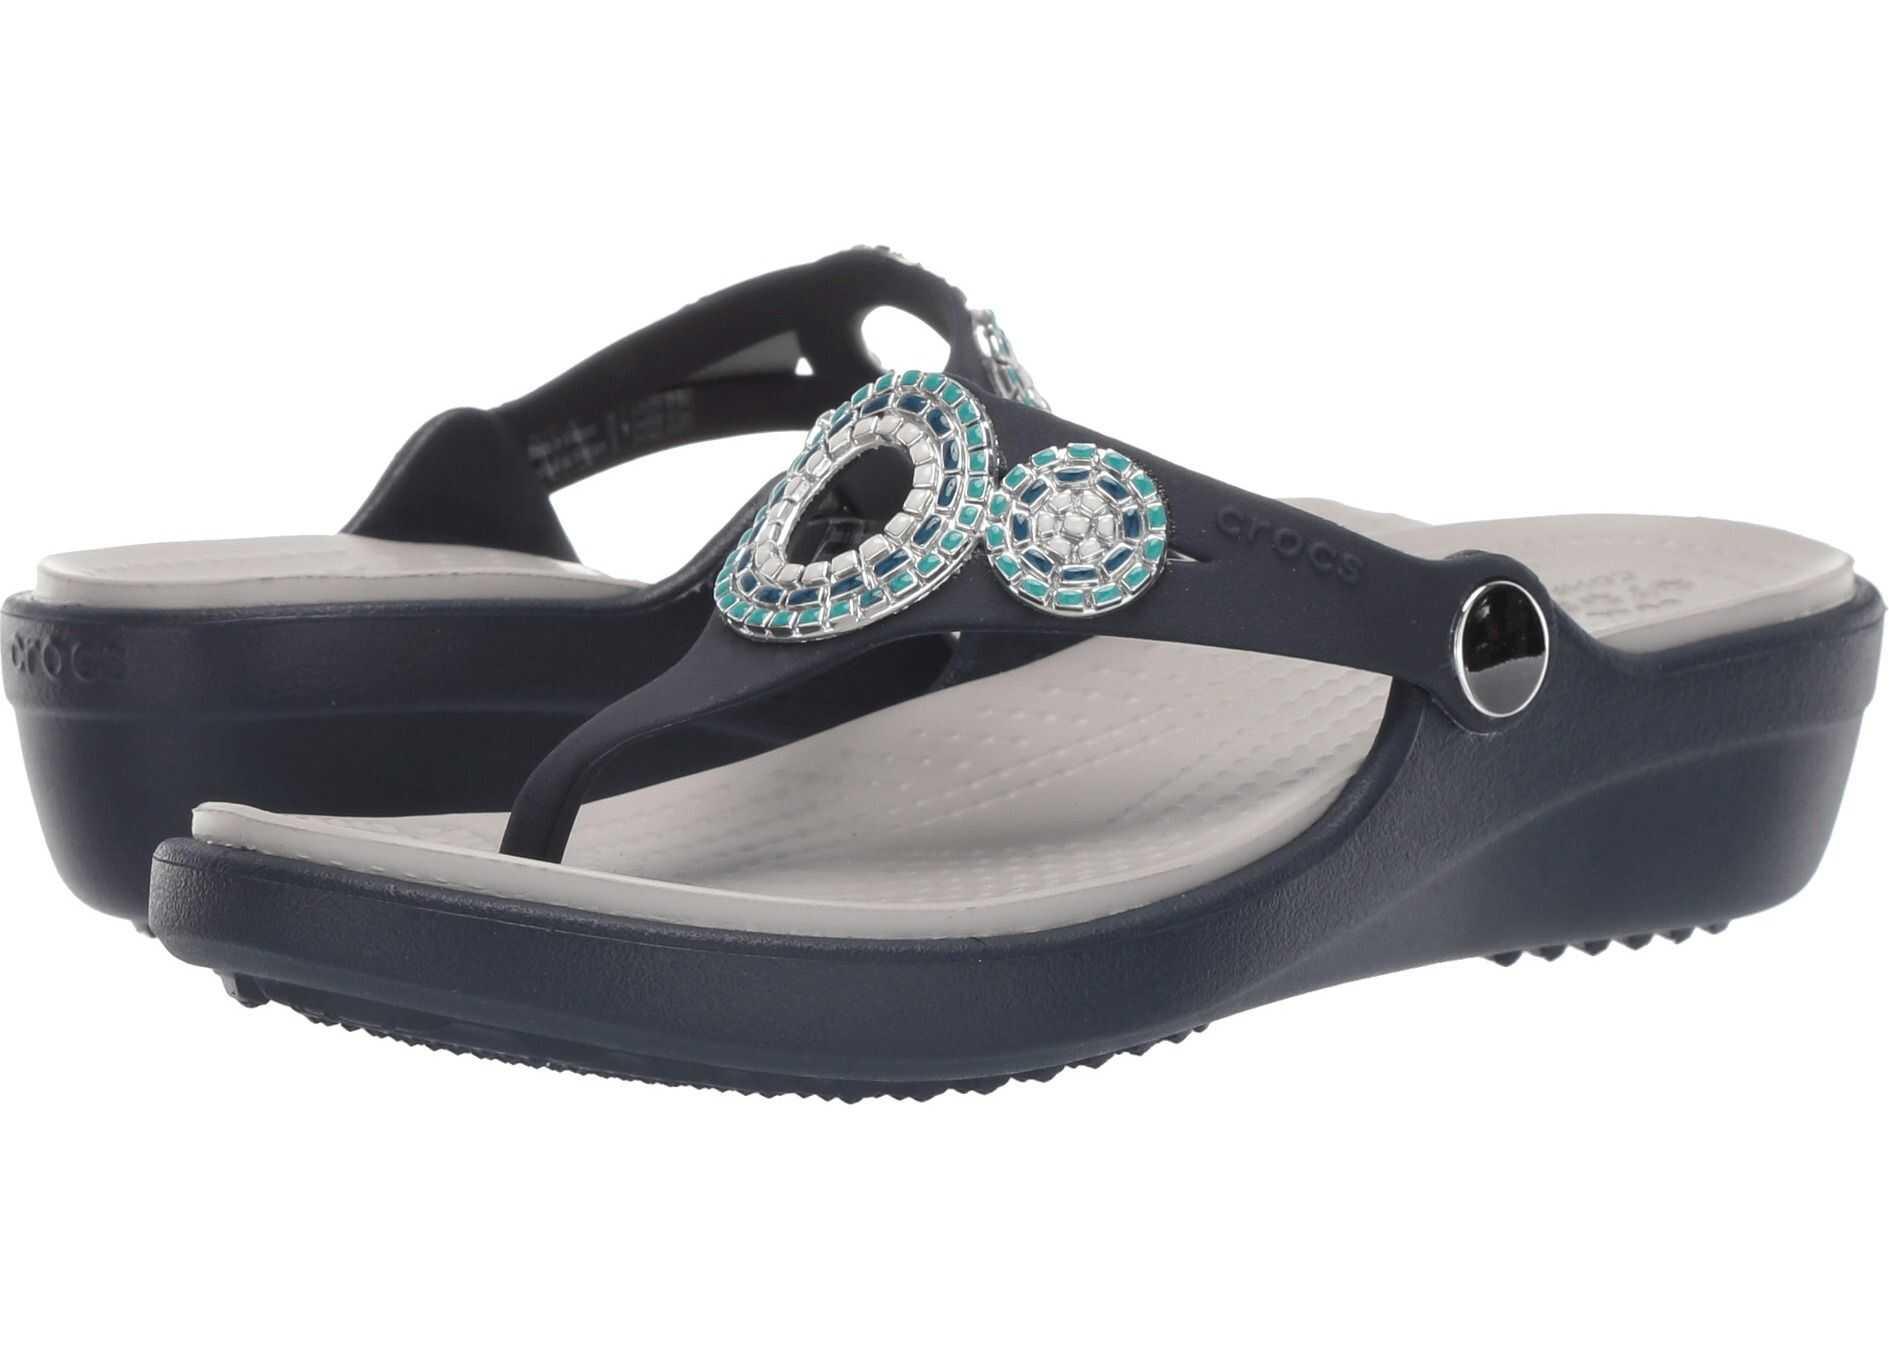 Crocs Sanrah Diamante Wedge Flip Navy/Turquoise